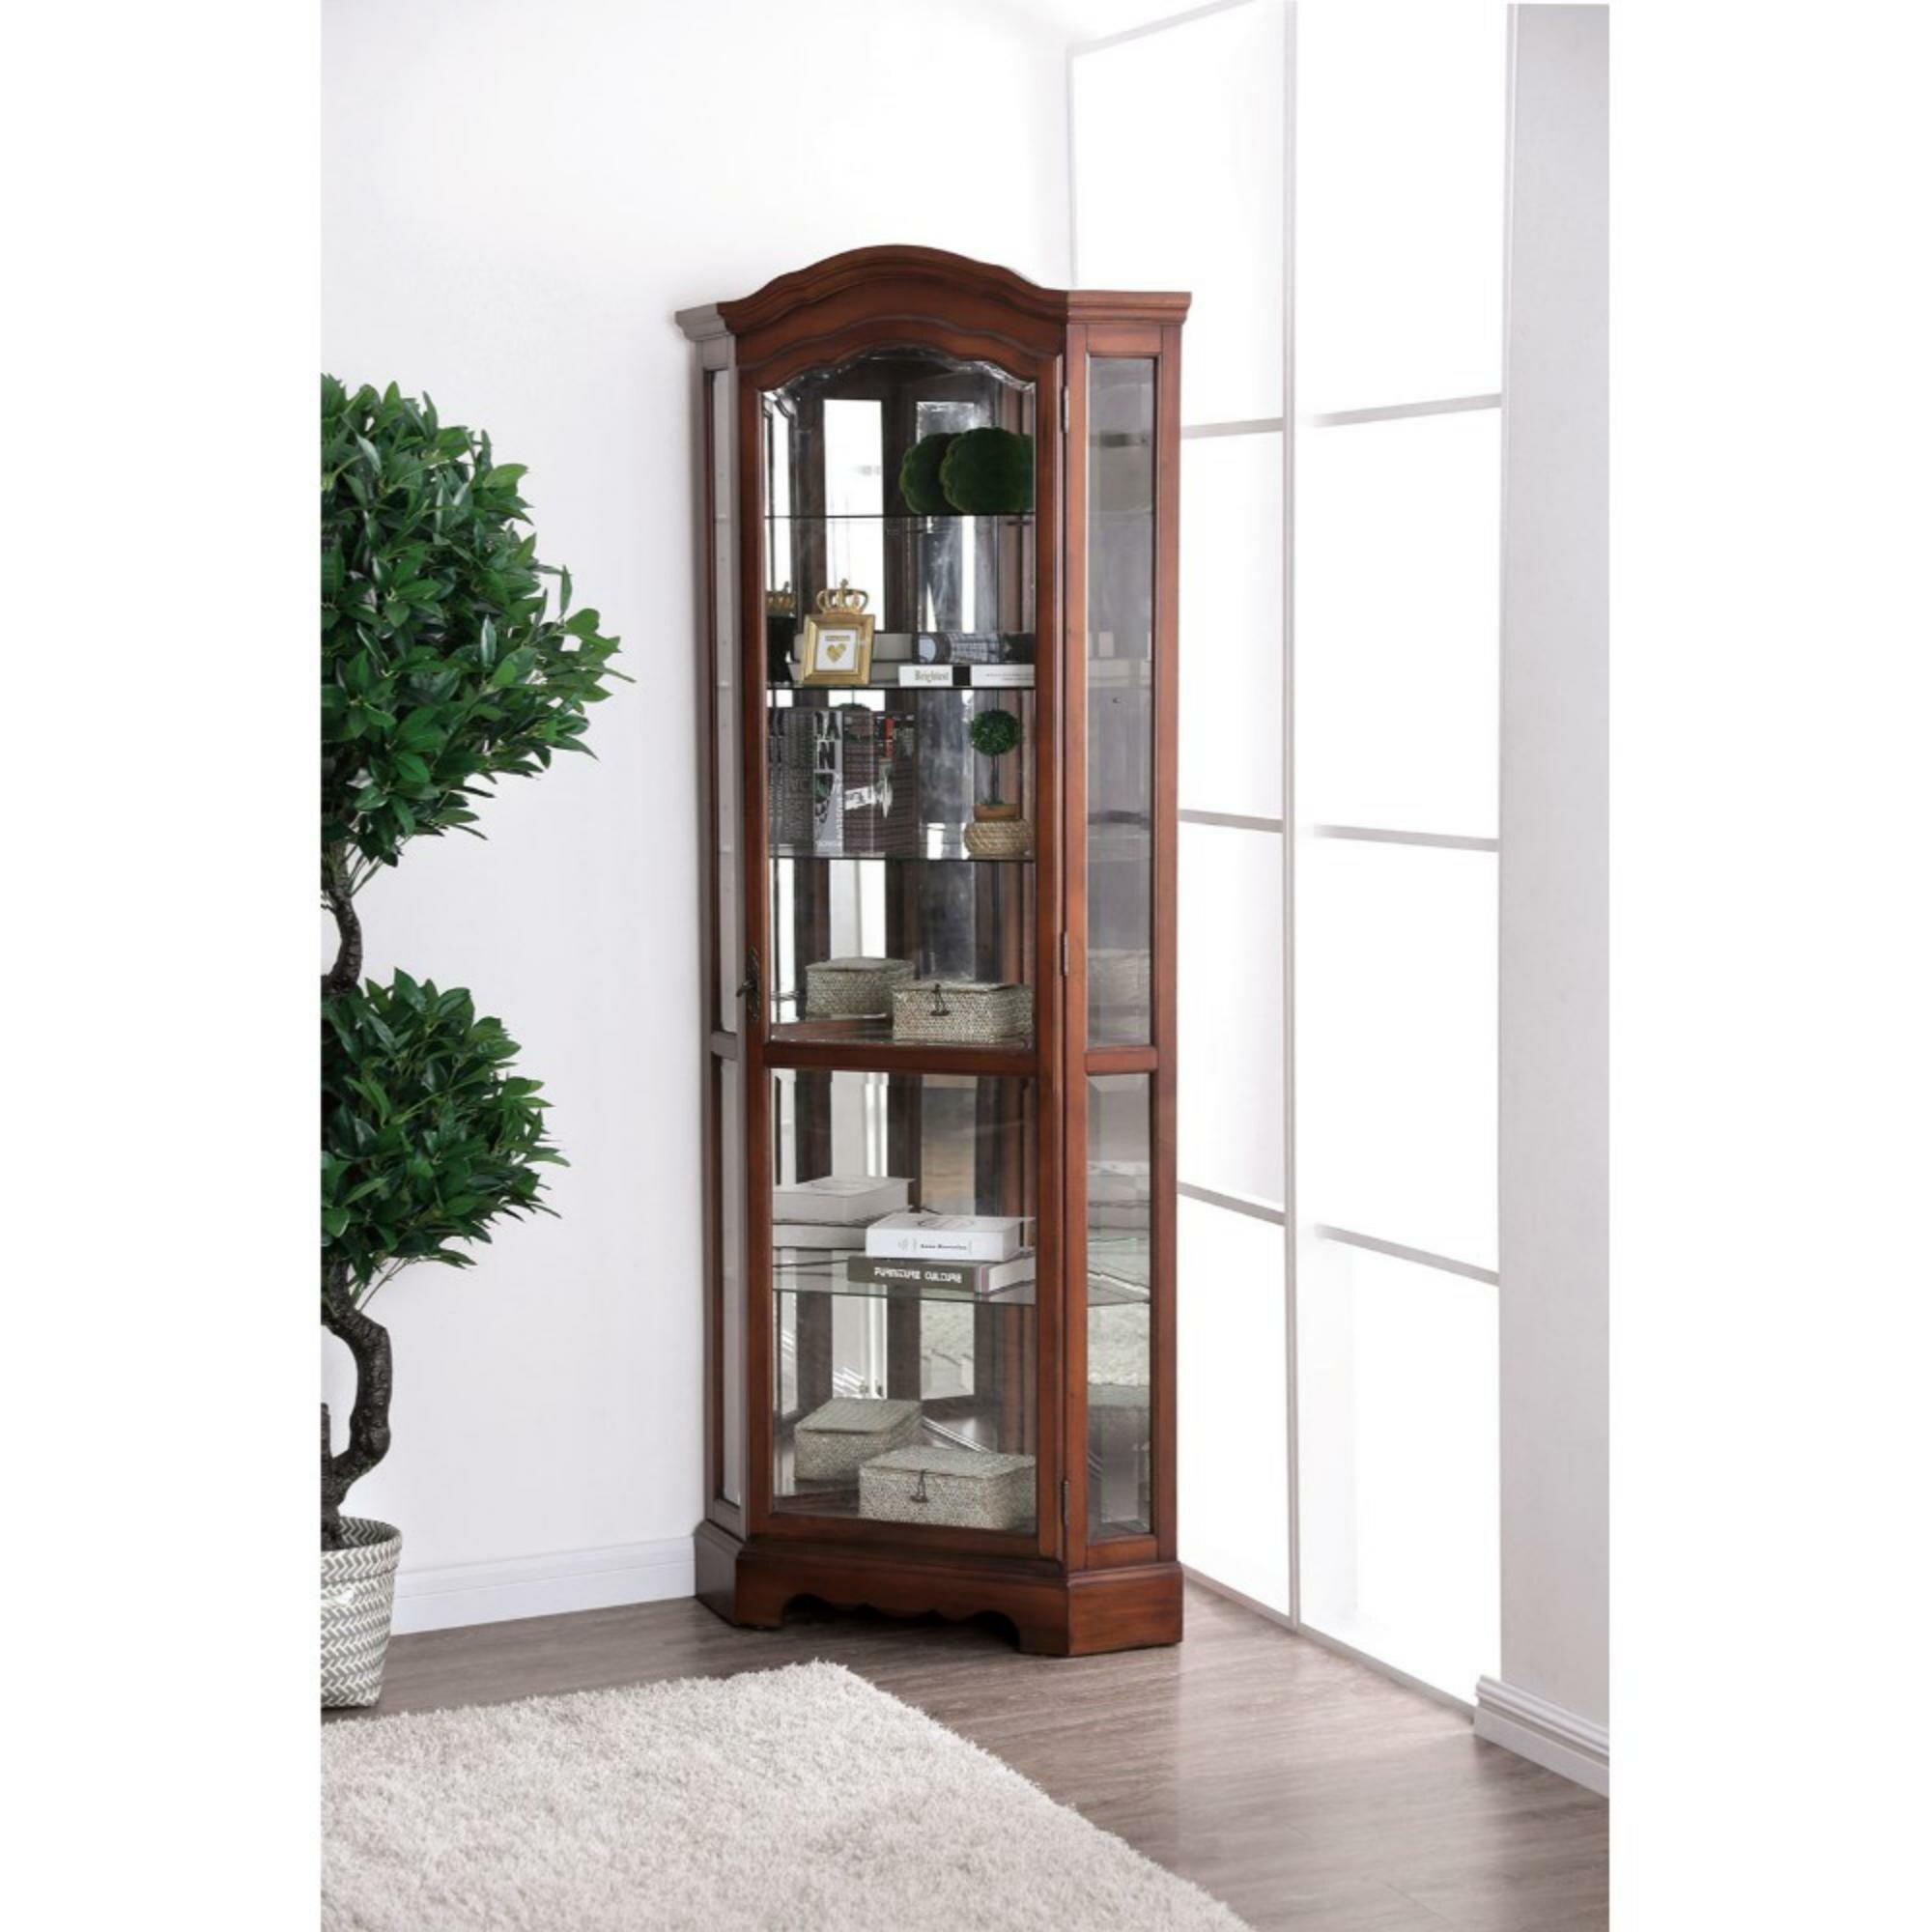 Lederer Traditional Style Wooden Corner Cabinet